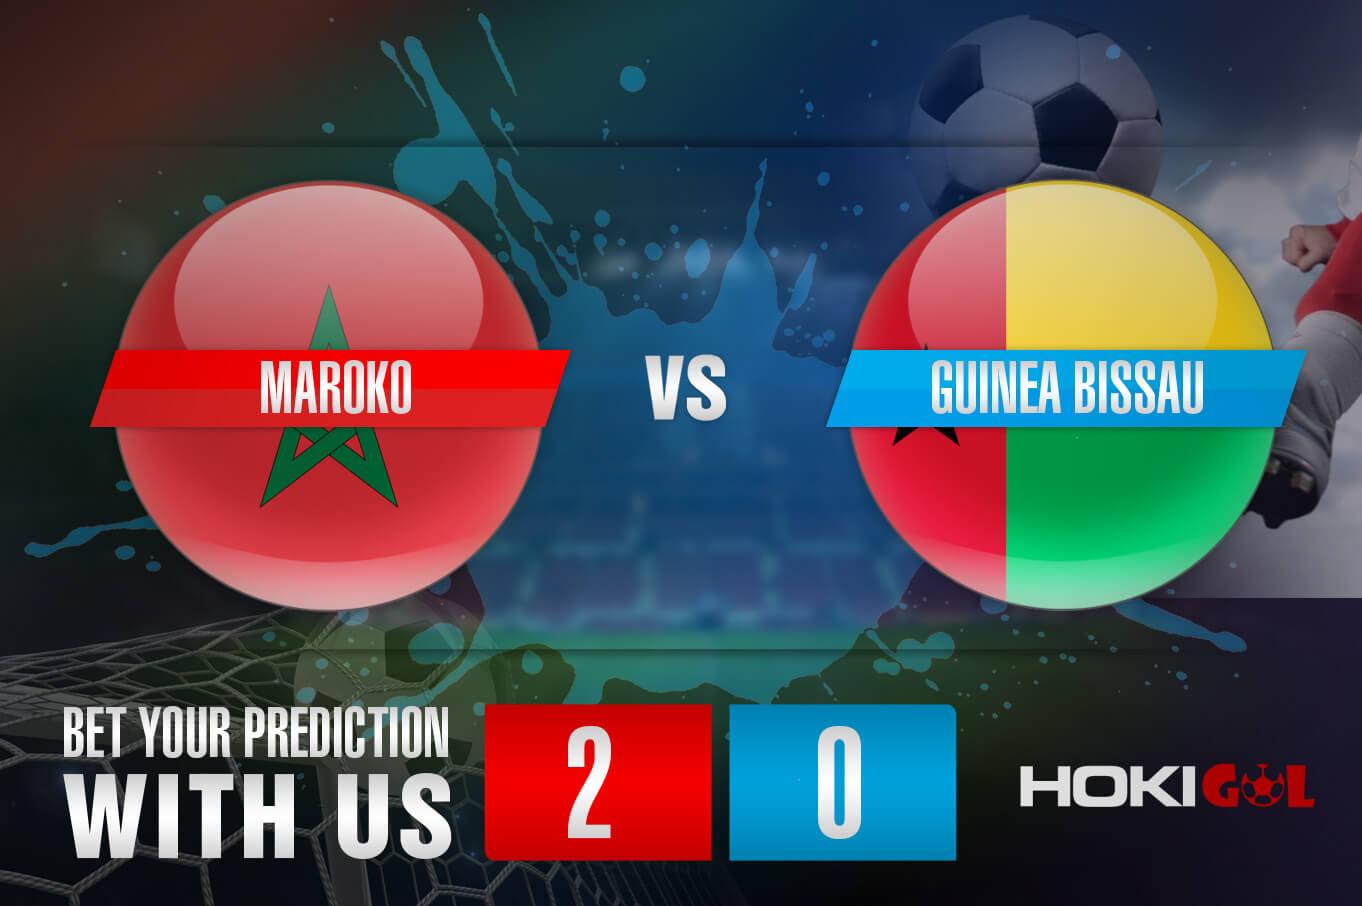 Prediksi Bola Maroko Vs Guinea Bissau 7 Oktober 2021